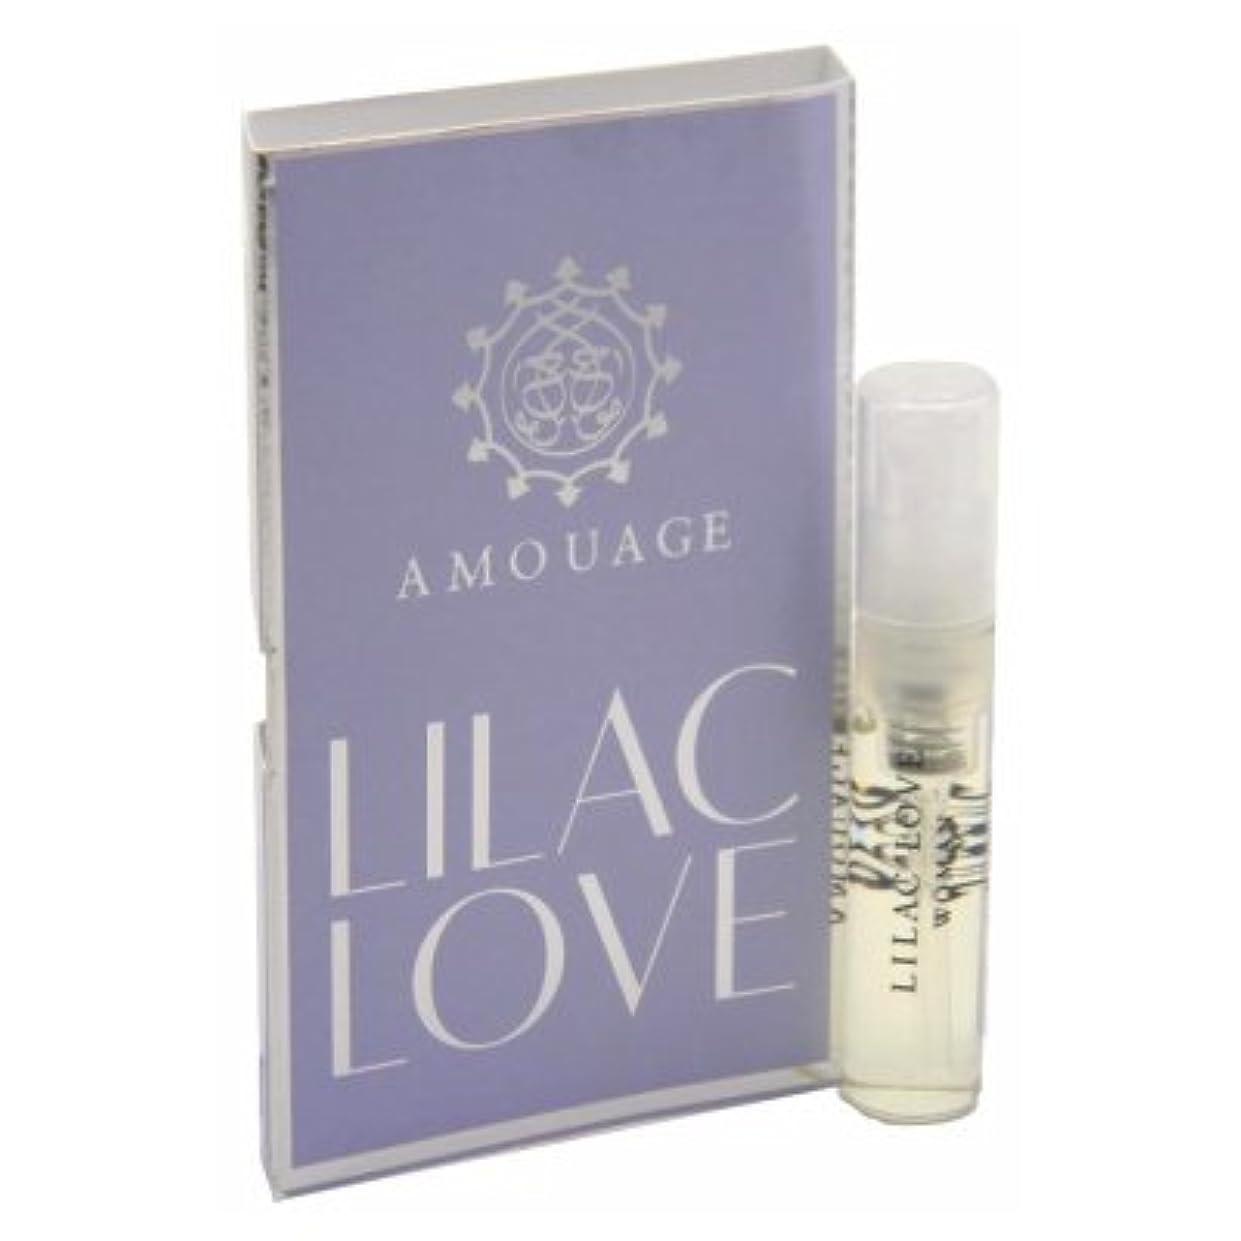 居住者ローブ寺院Amouage Lilac Love EDP Woman Vial Sample 2ml(アムアージュ ライラック ラブ ウーマン オードパルファン 2ml)[海外直送品] [並行輸入品]